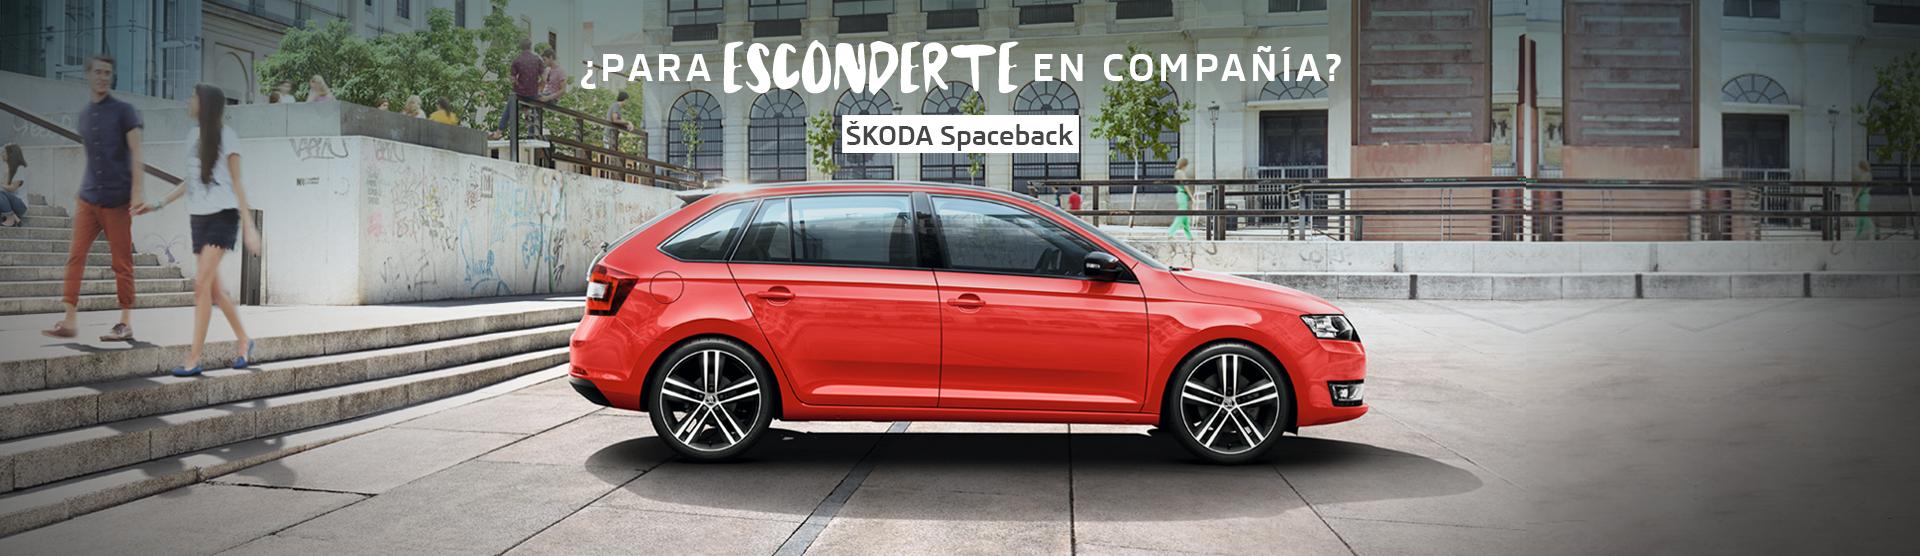 Nuevo Škoda Spaceback